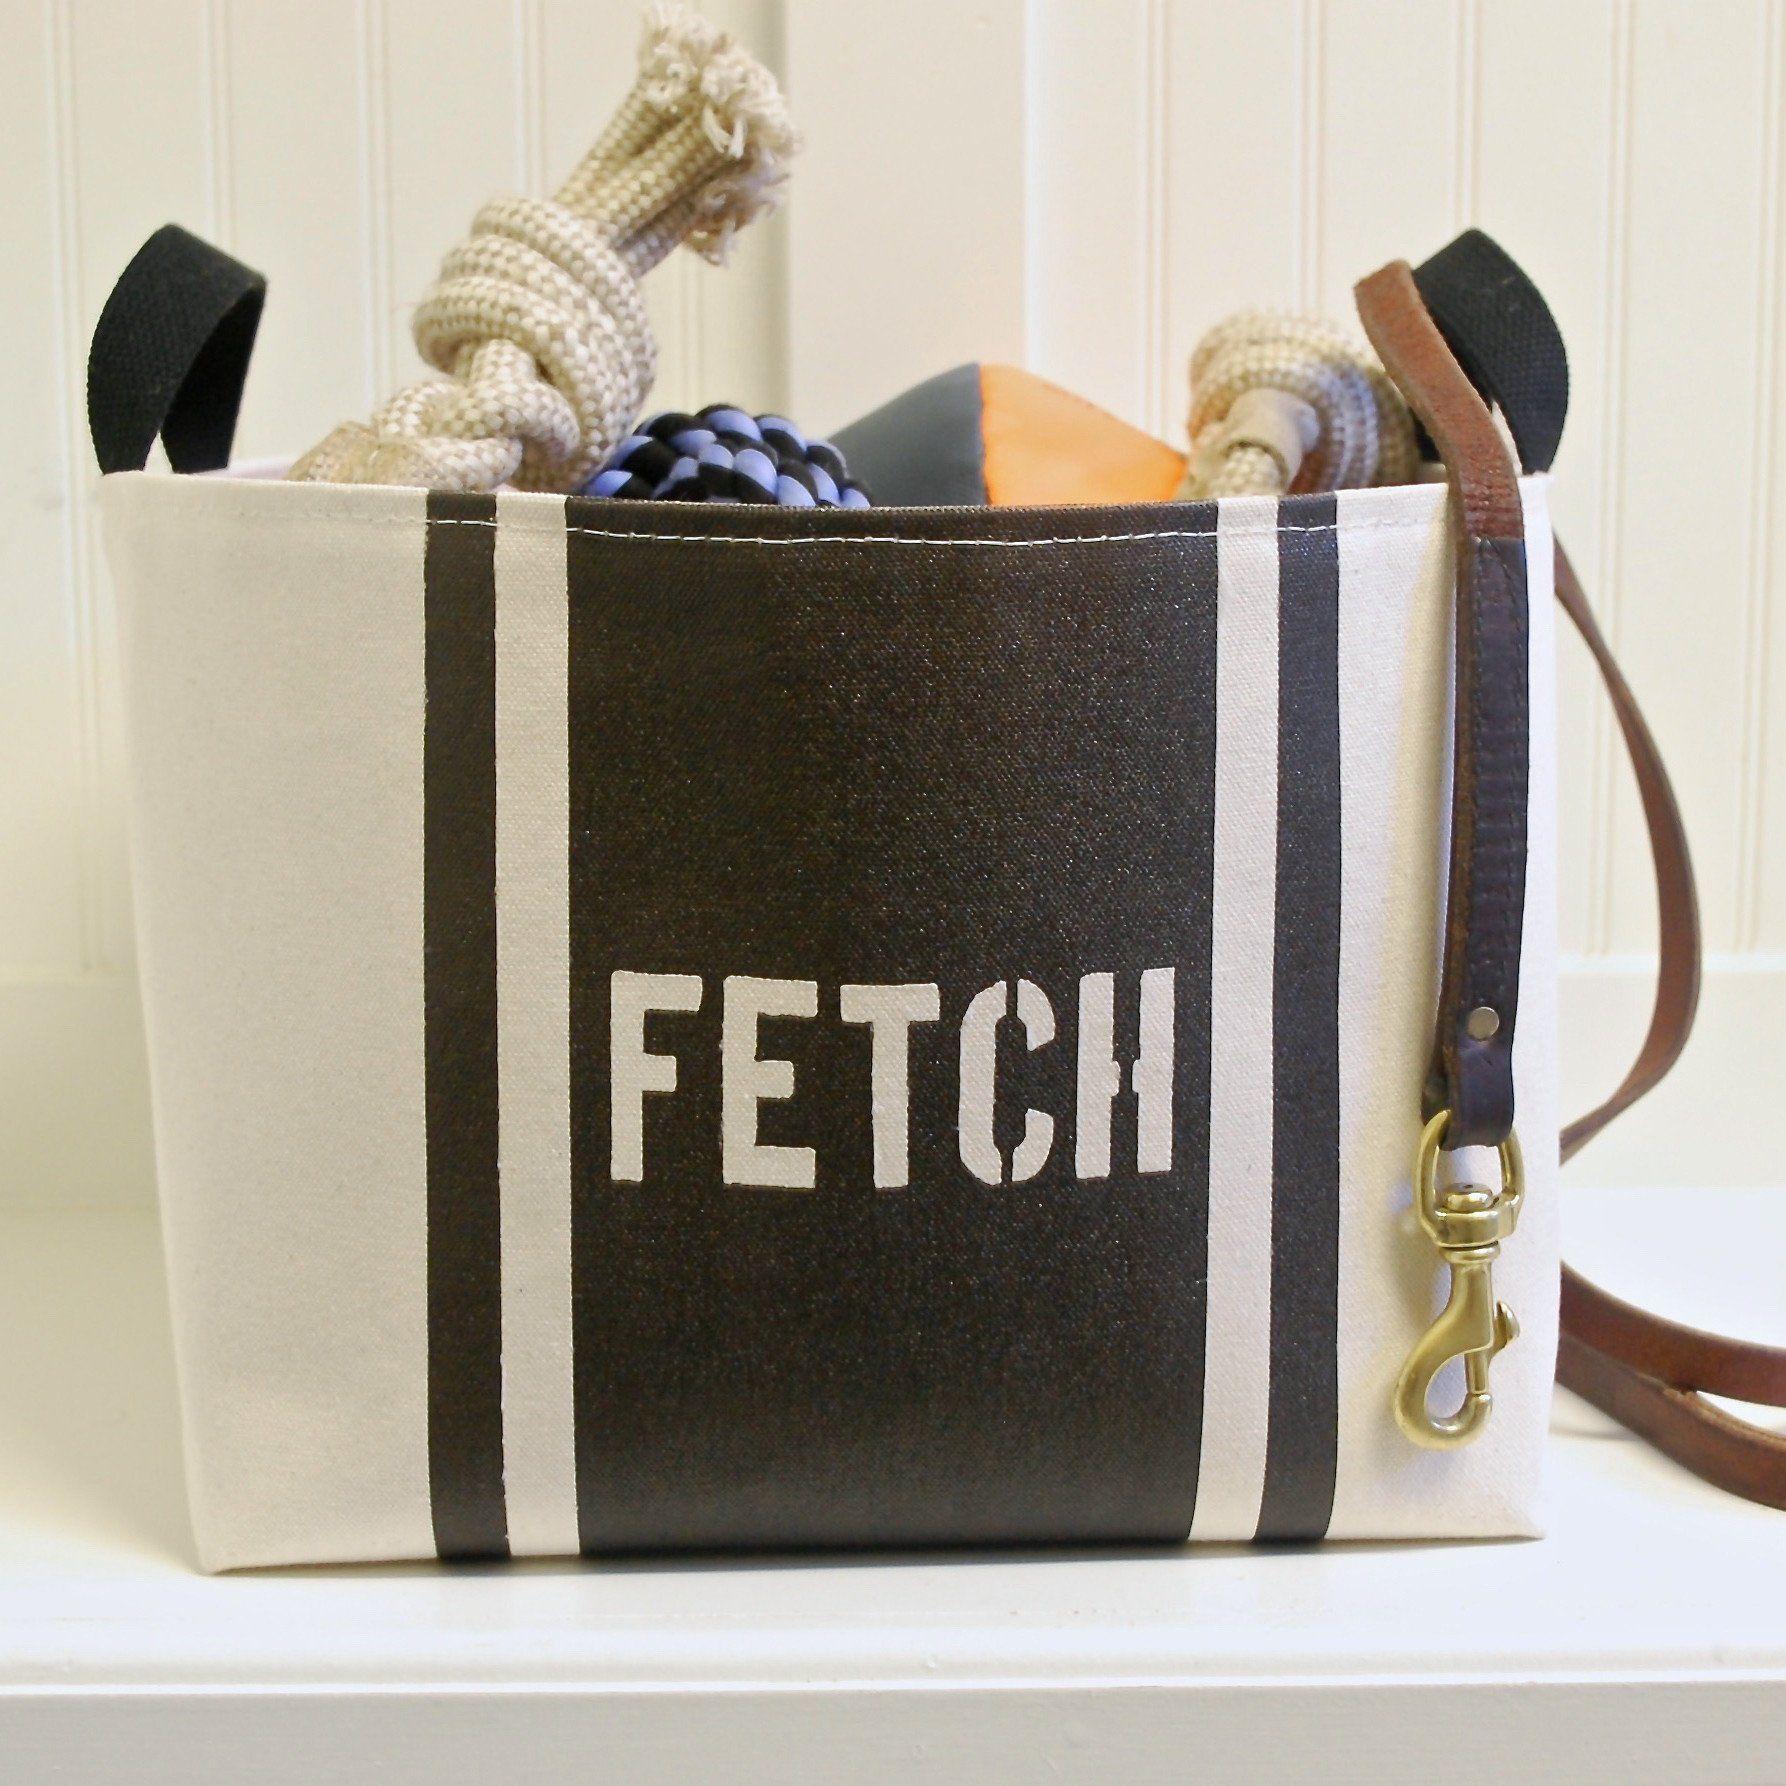 Fetch Dog Toy Basket Dog Toy Basket Dog Toy Storage Dog Toys